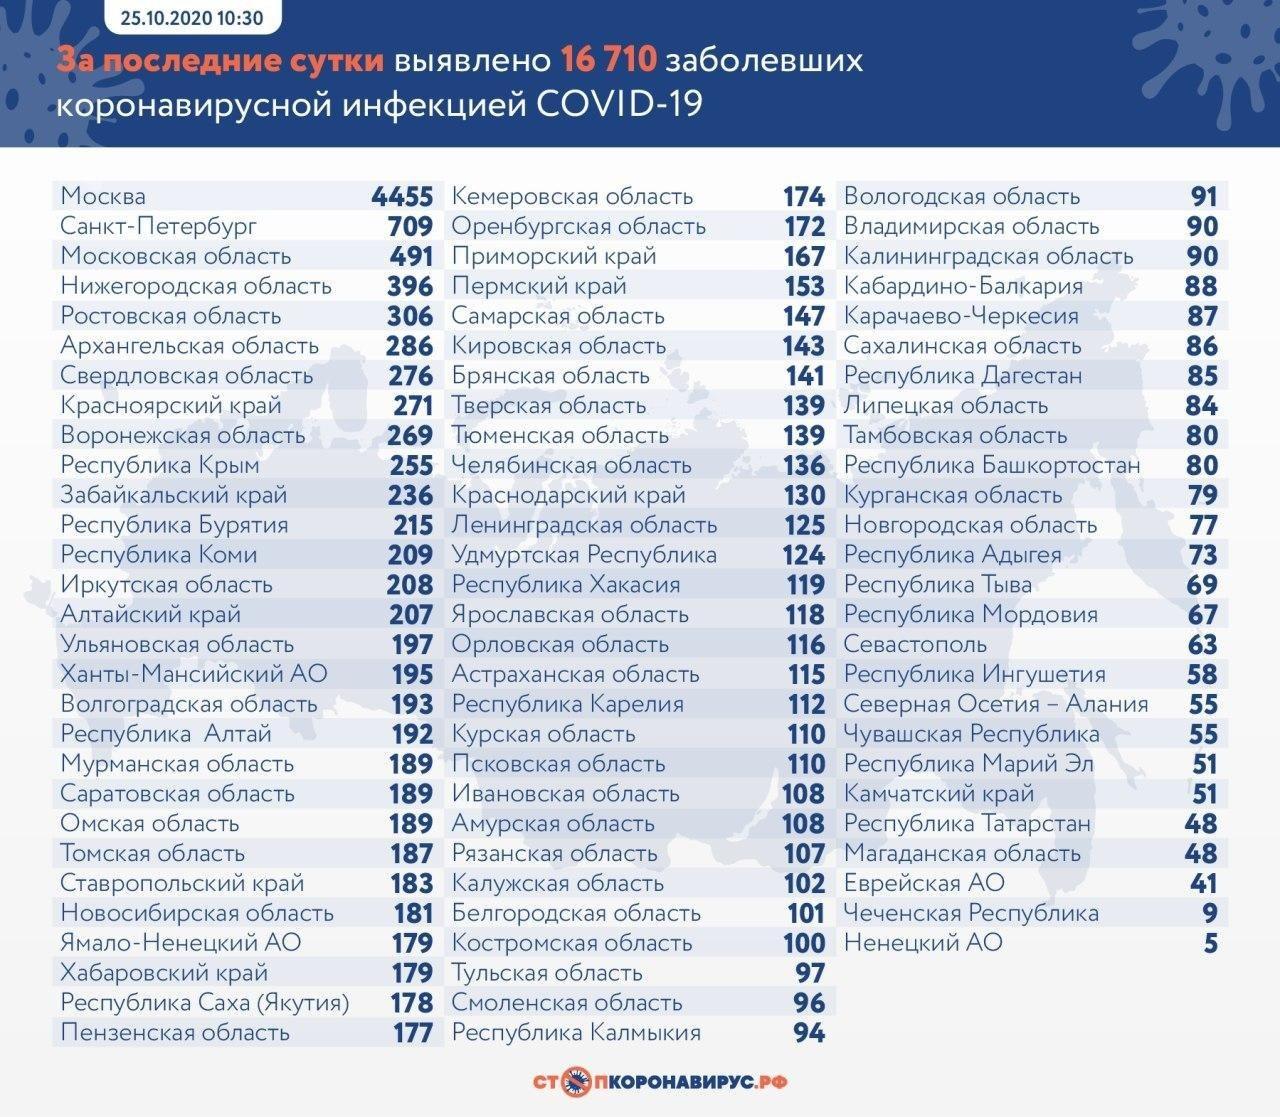 Число случаев заражения коронавирусом в России, зафиксированное за всё время